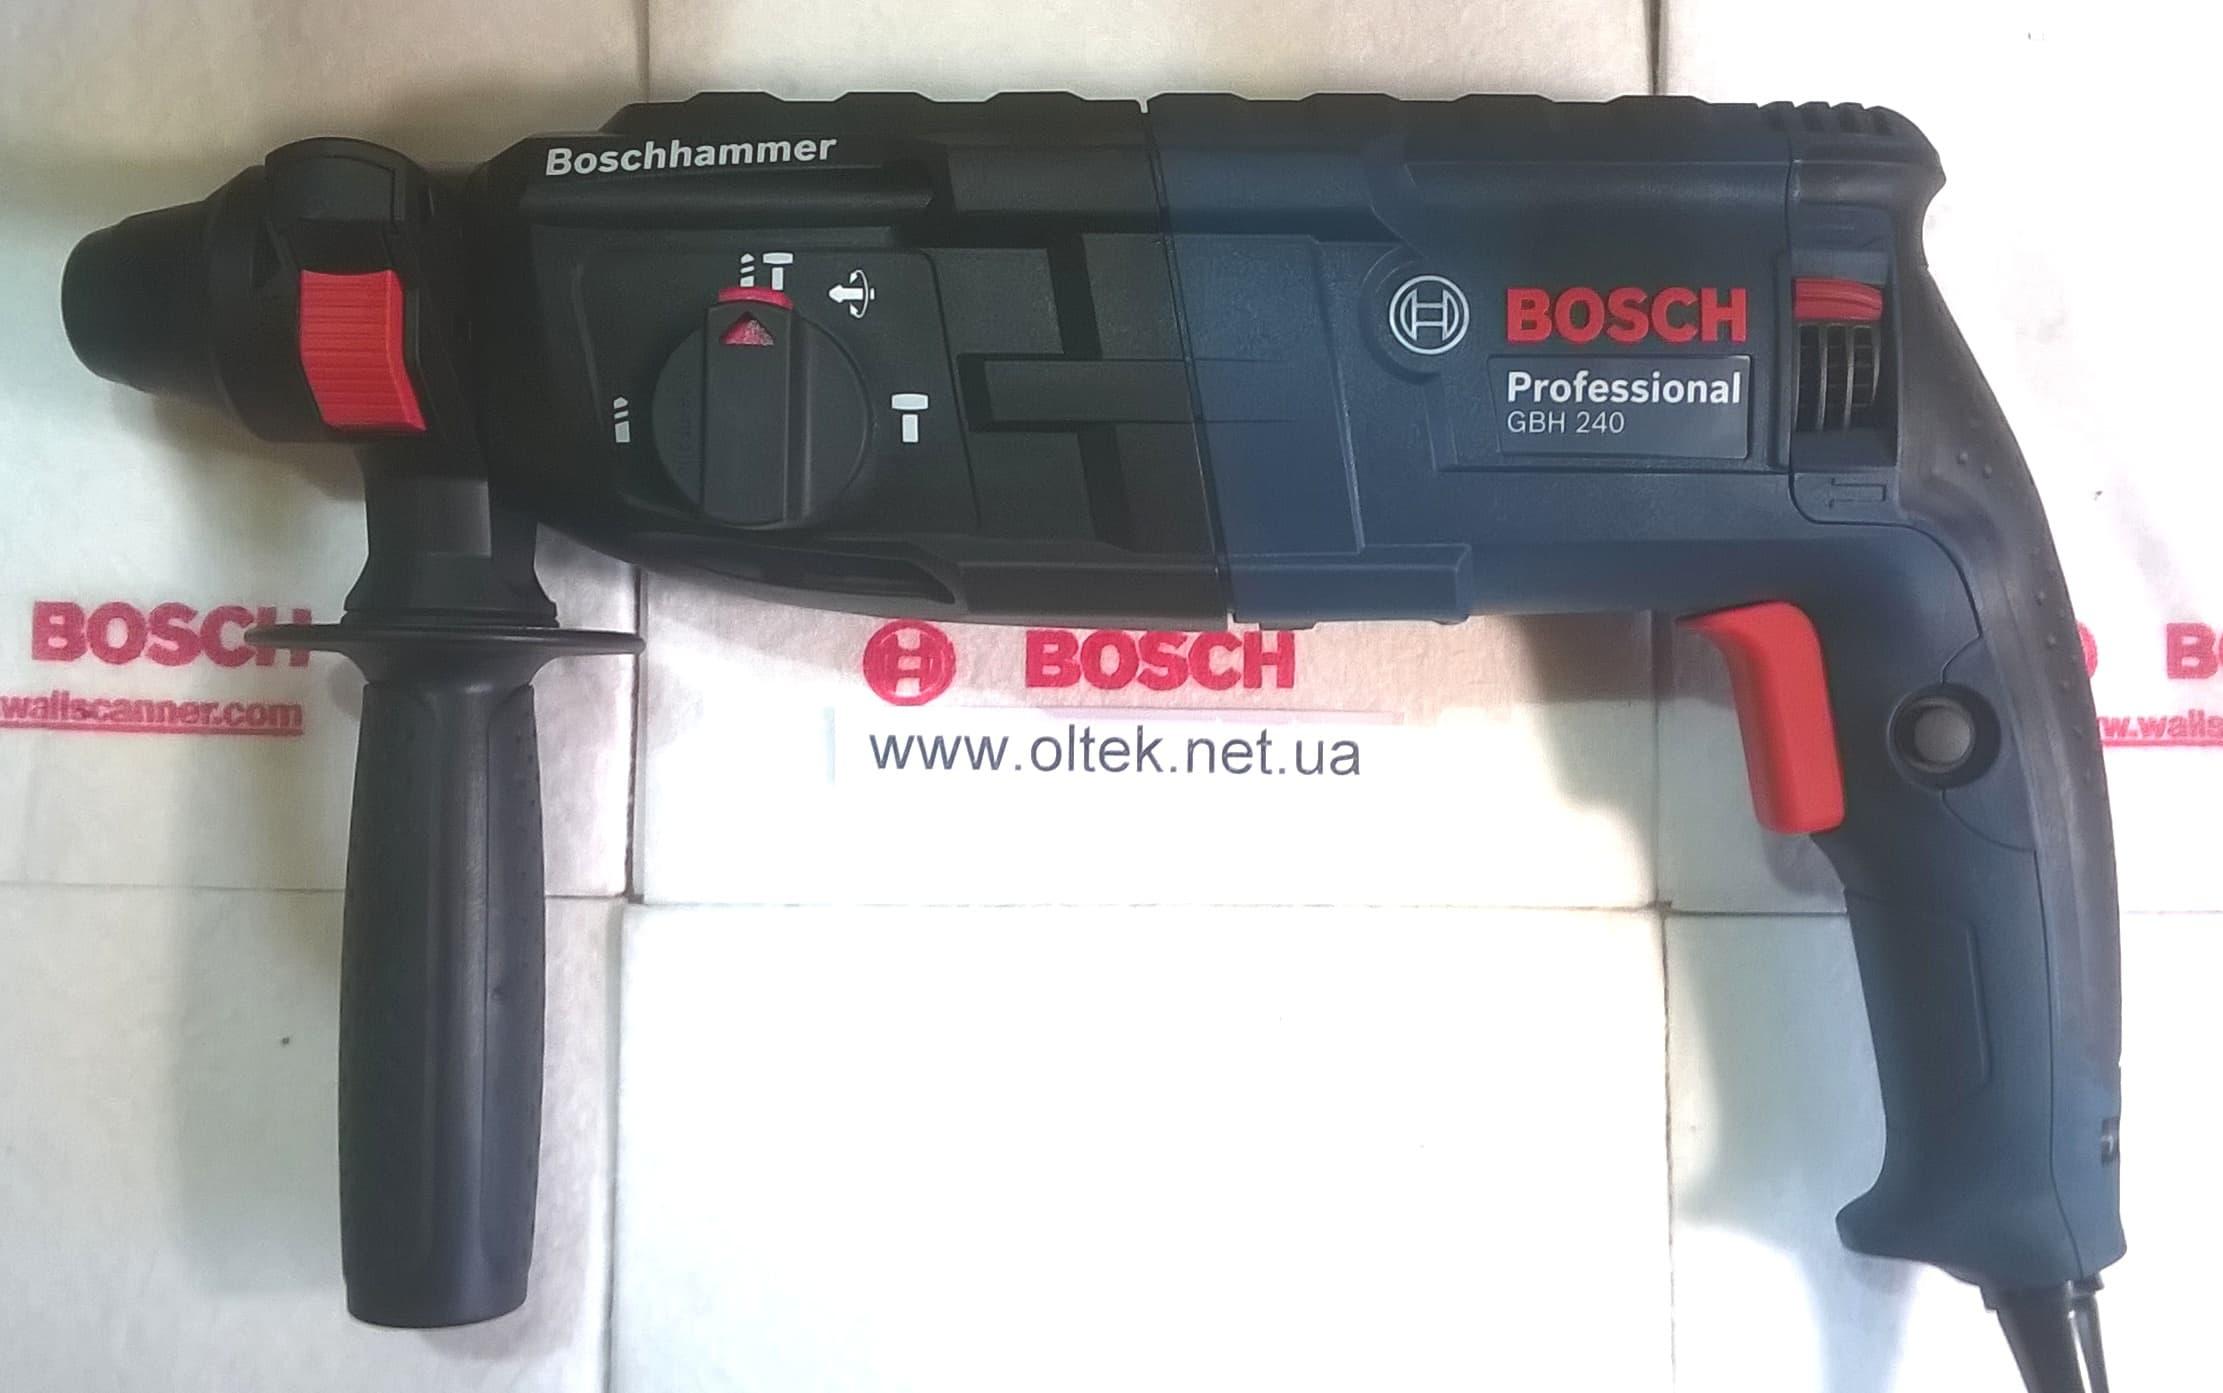 Bosch-GBH-240